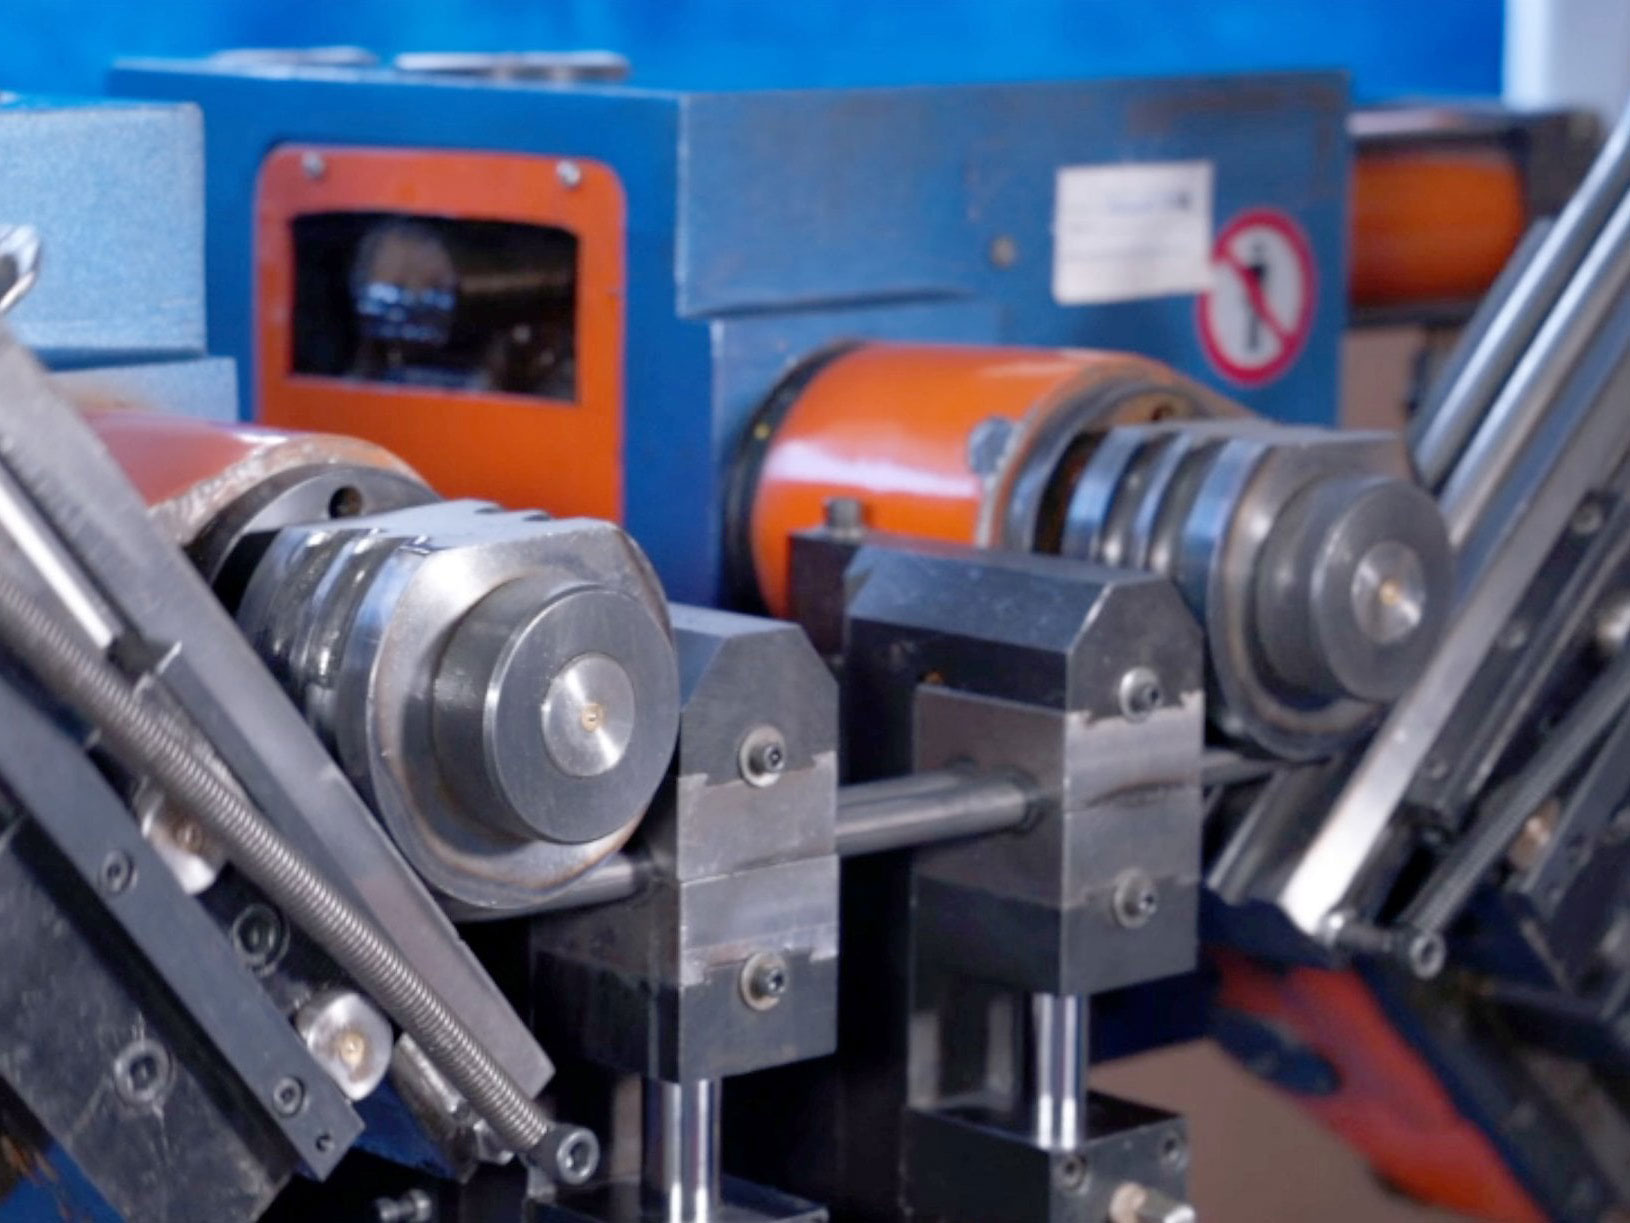 Согнутый конец трубы 5. как производится гибка металлических труб: технологические тонкости выполнения работ. применяем горячий метод